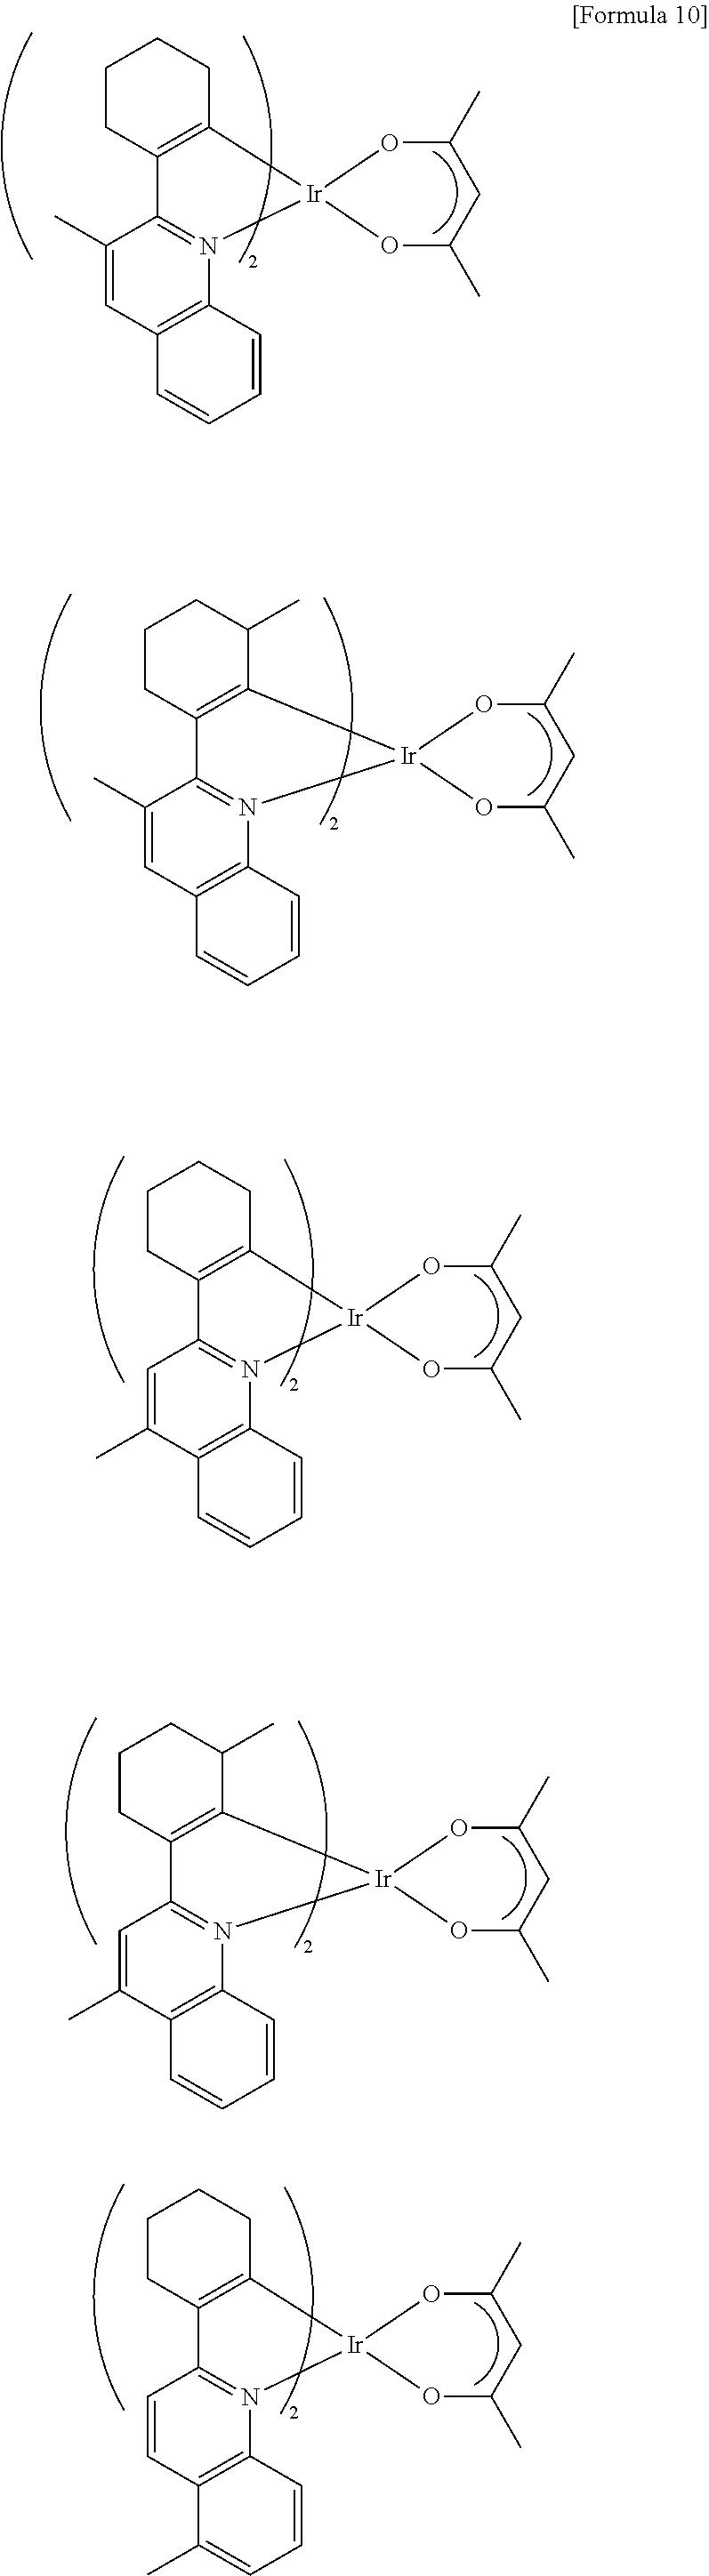 Figure US09324958-20160426-C00059